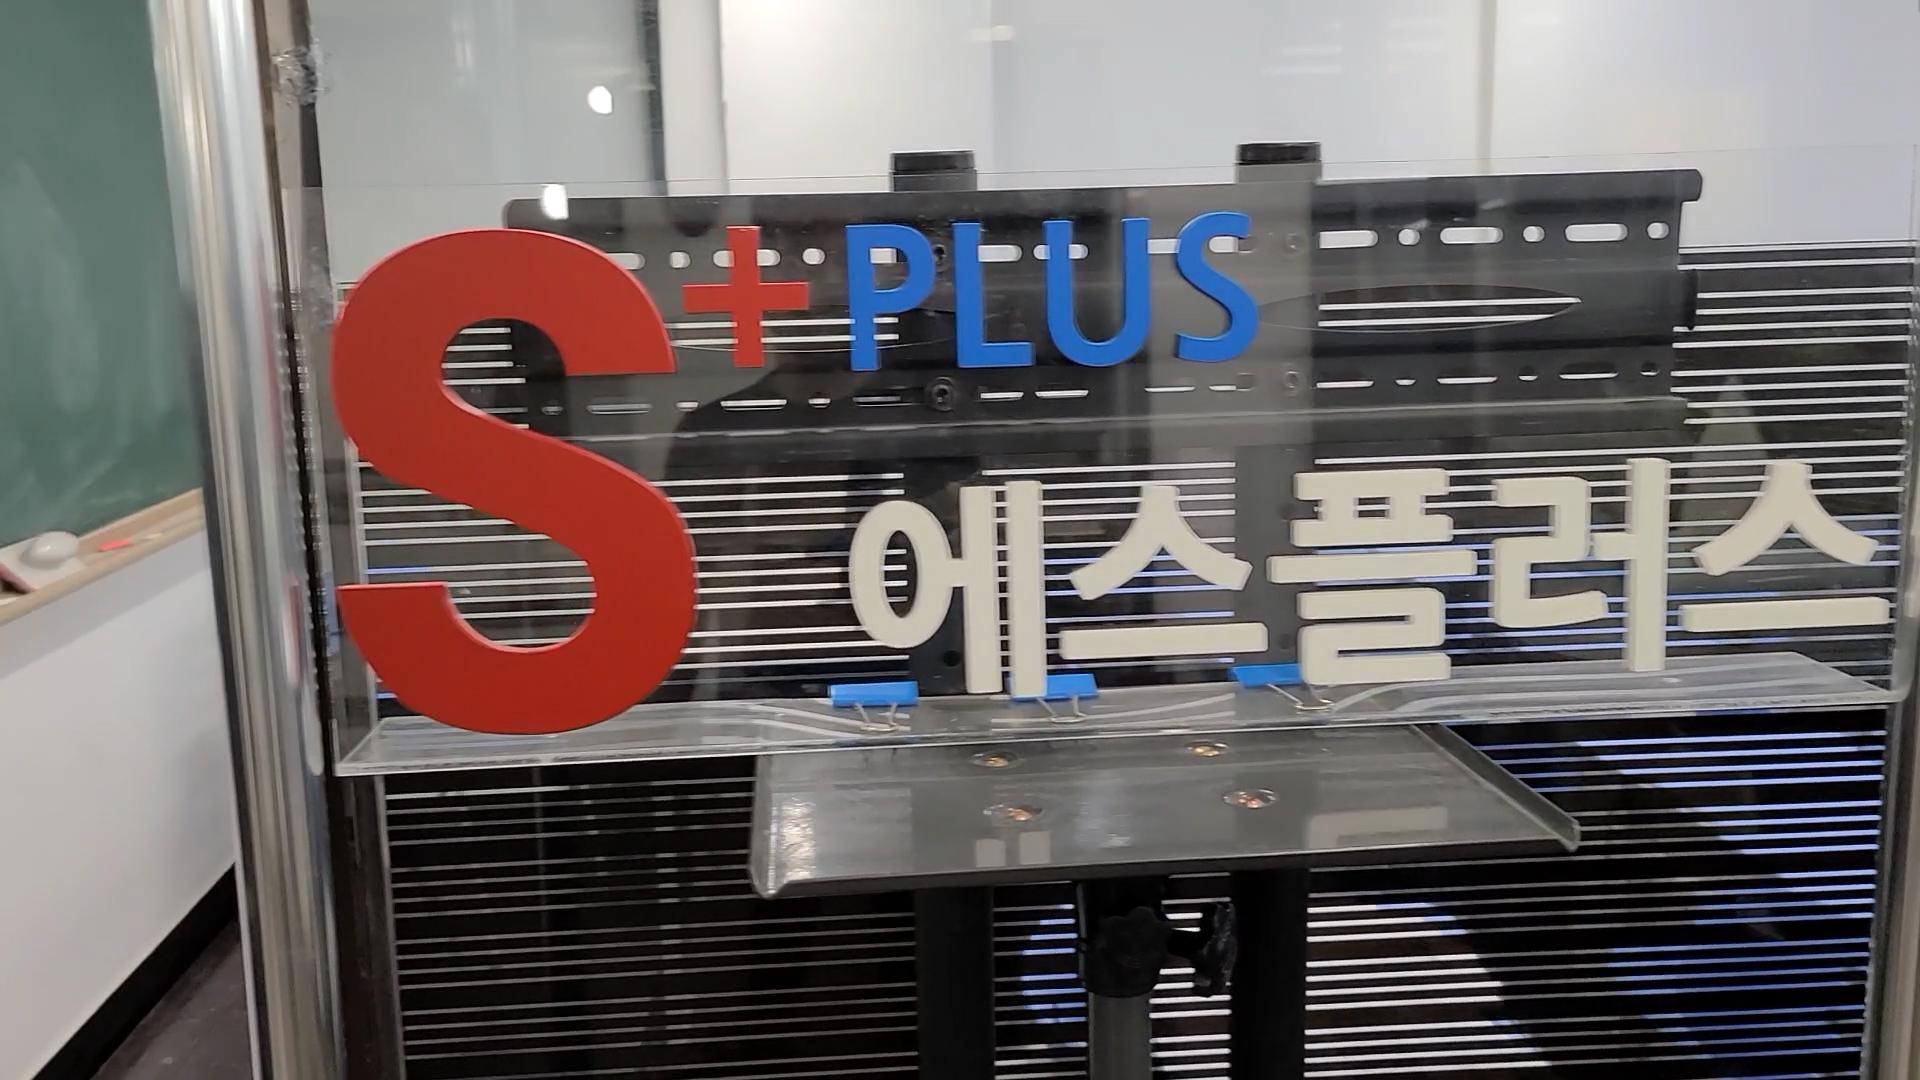 에스플러스학원 Splus Academy 비대면 온라인 완전탈바꿈.00_00_33_17.스틸 019로비로고2.jpg